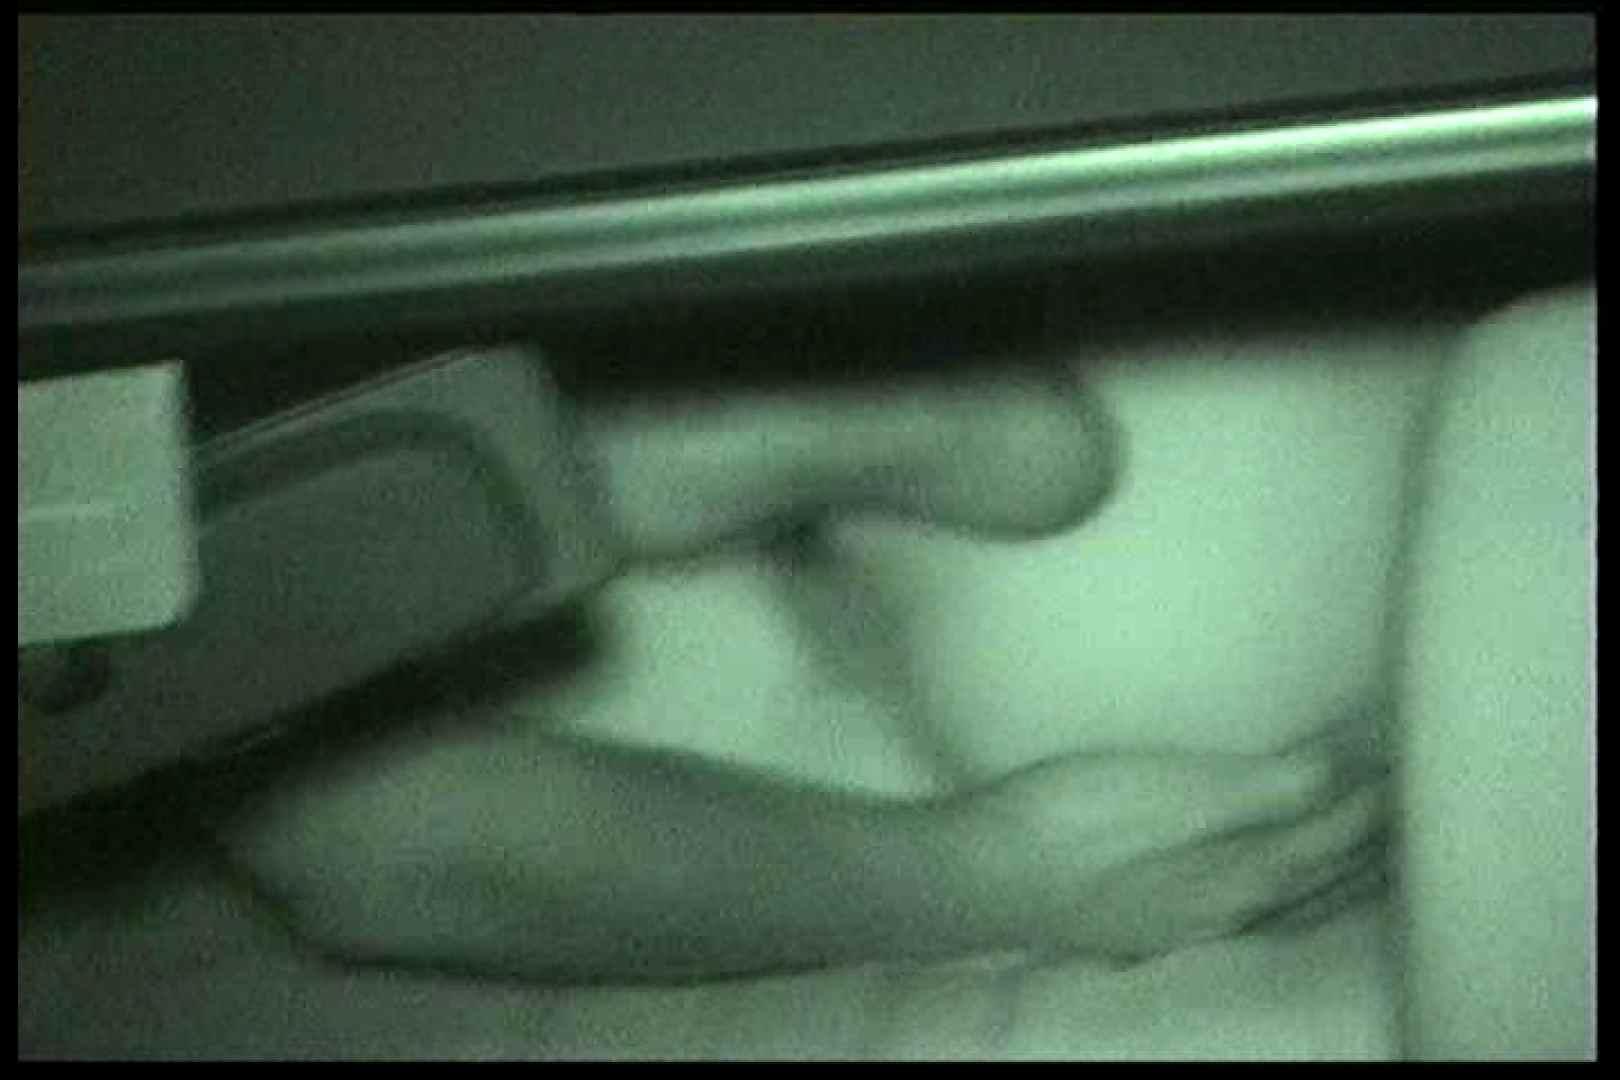 車の中はラブホテル 無修正版  Vol.14 車 のぞき動画画像 87pic 3